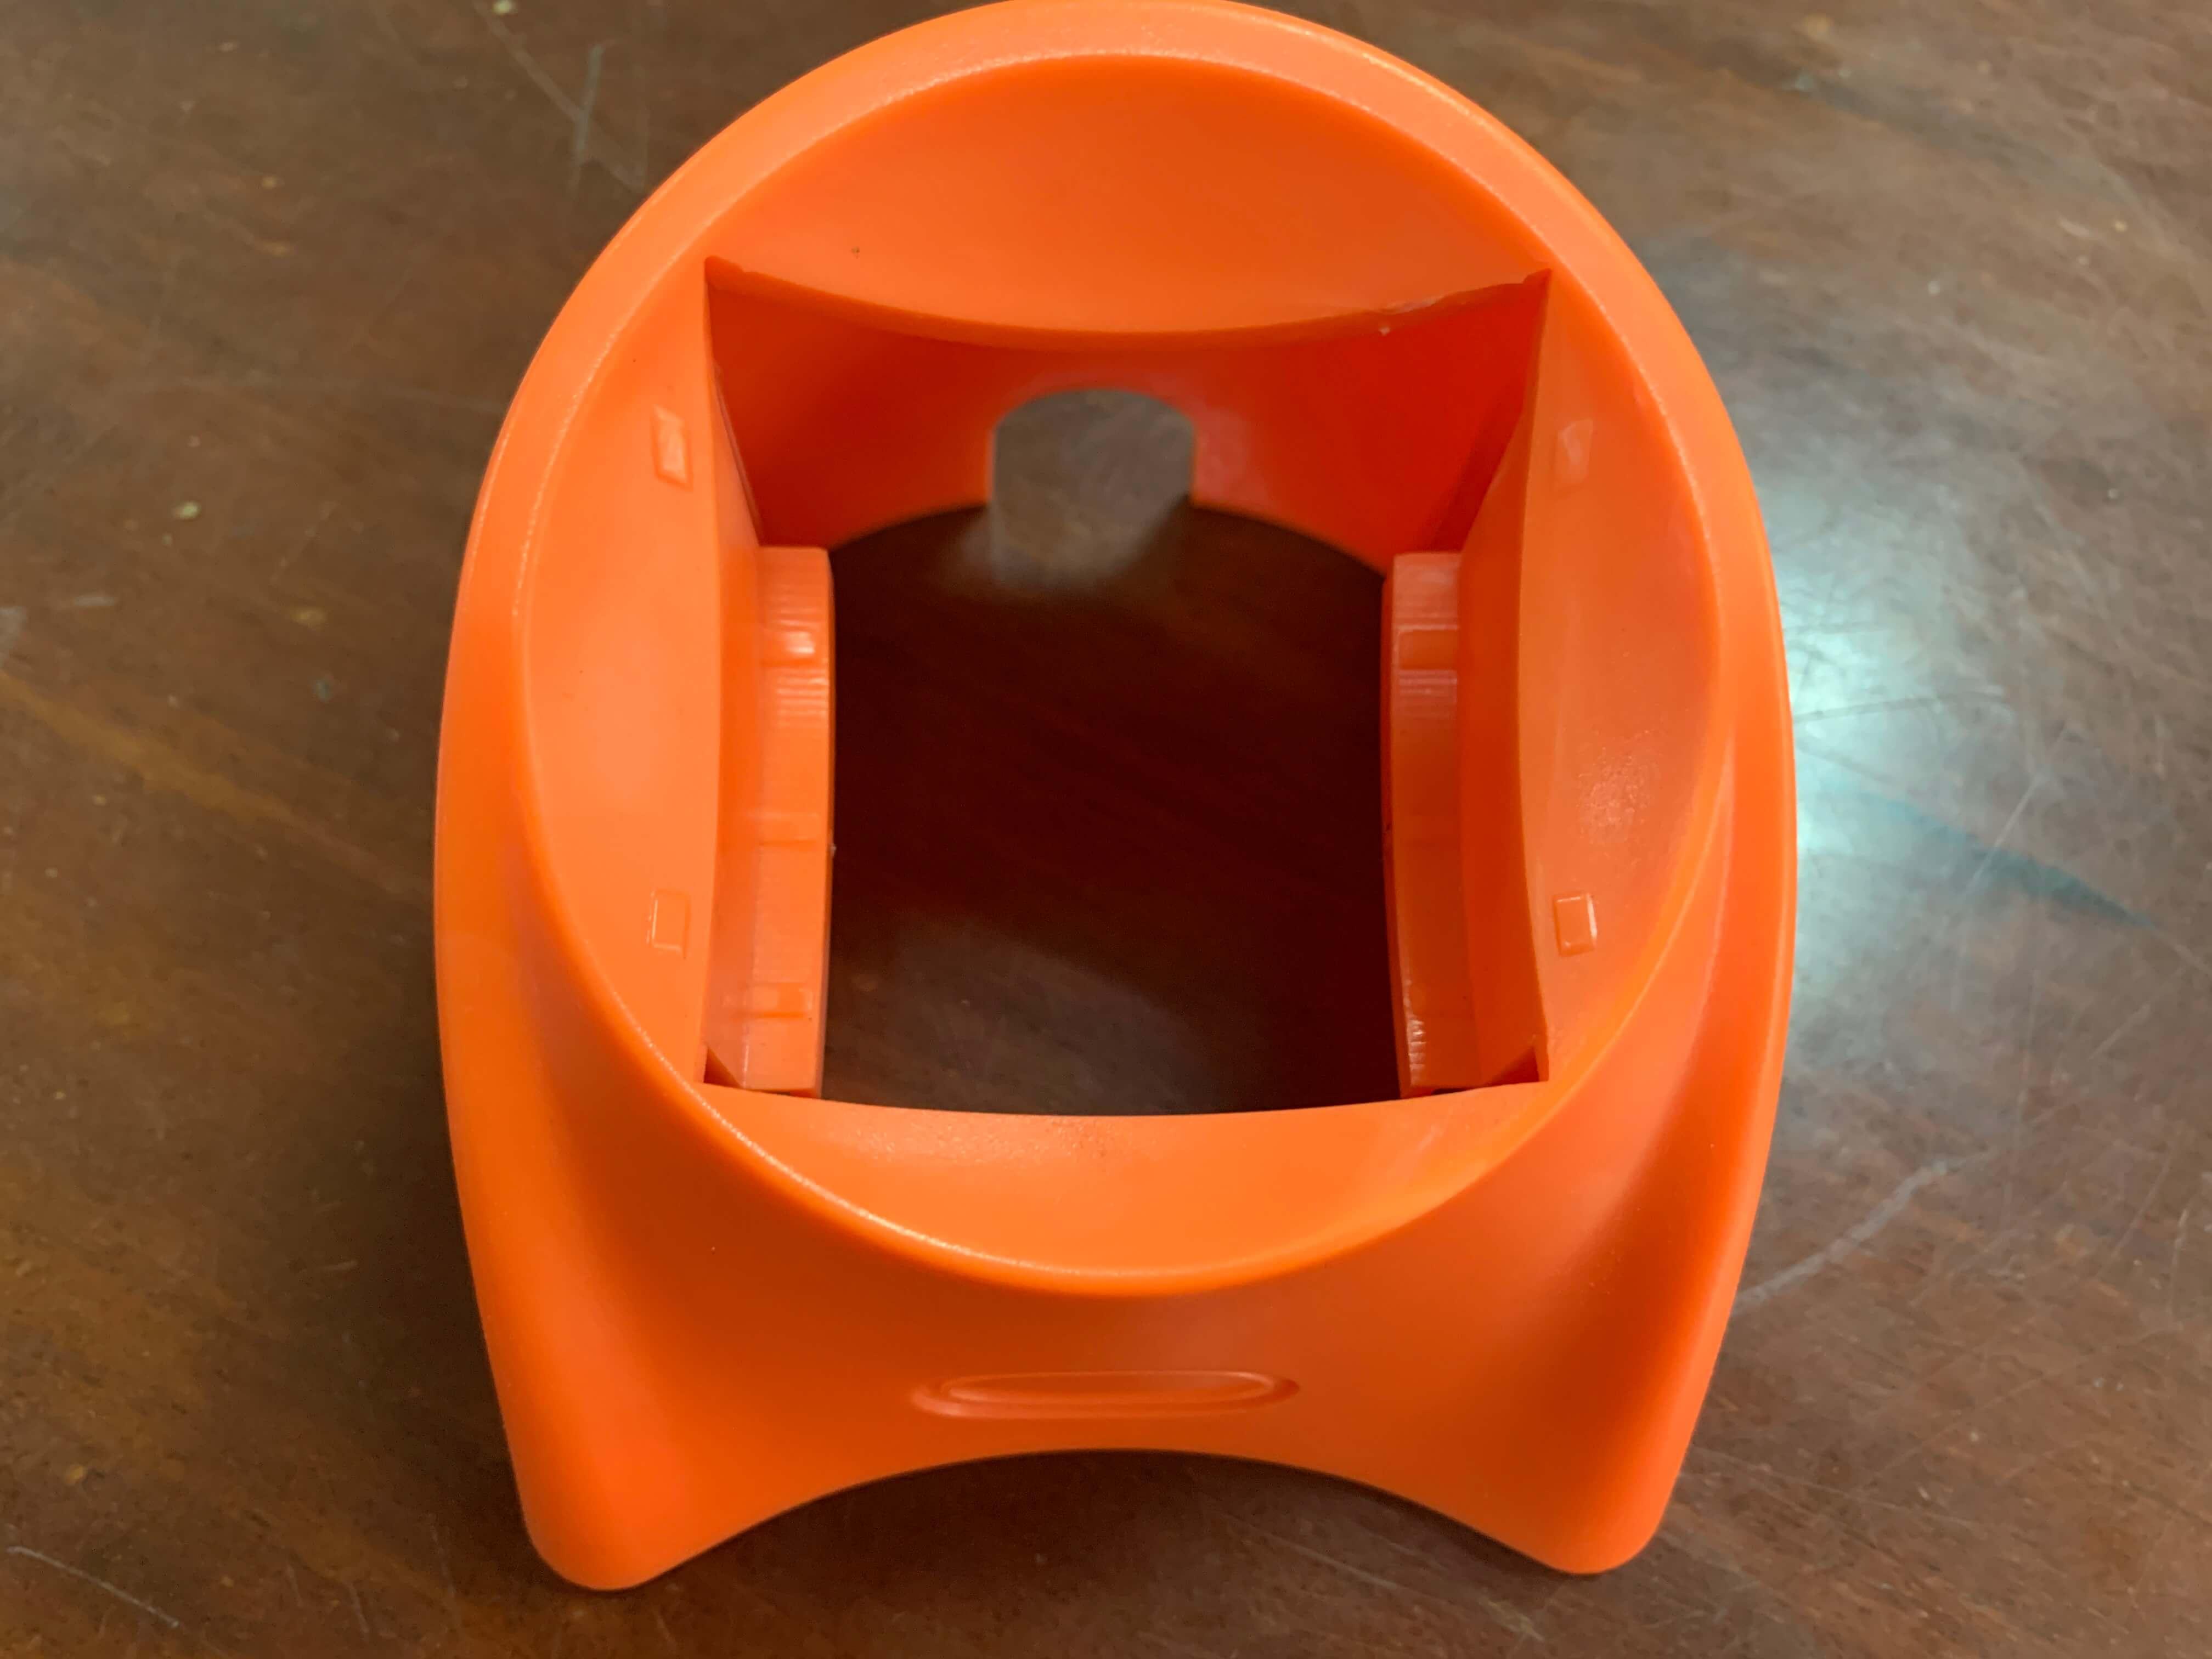 小家电家庭用品外壳制造